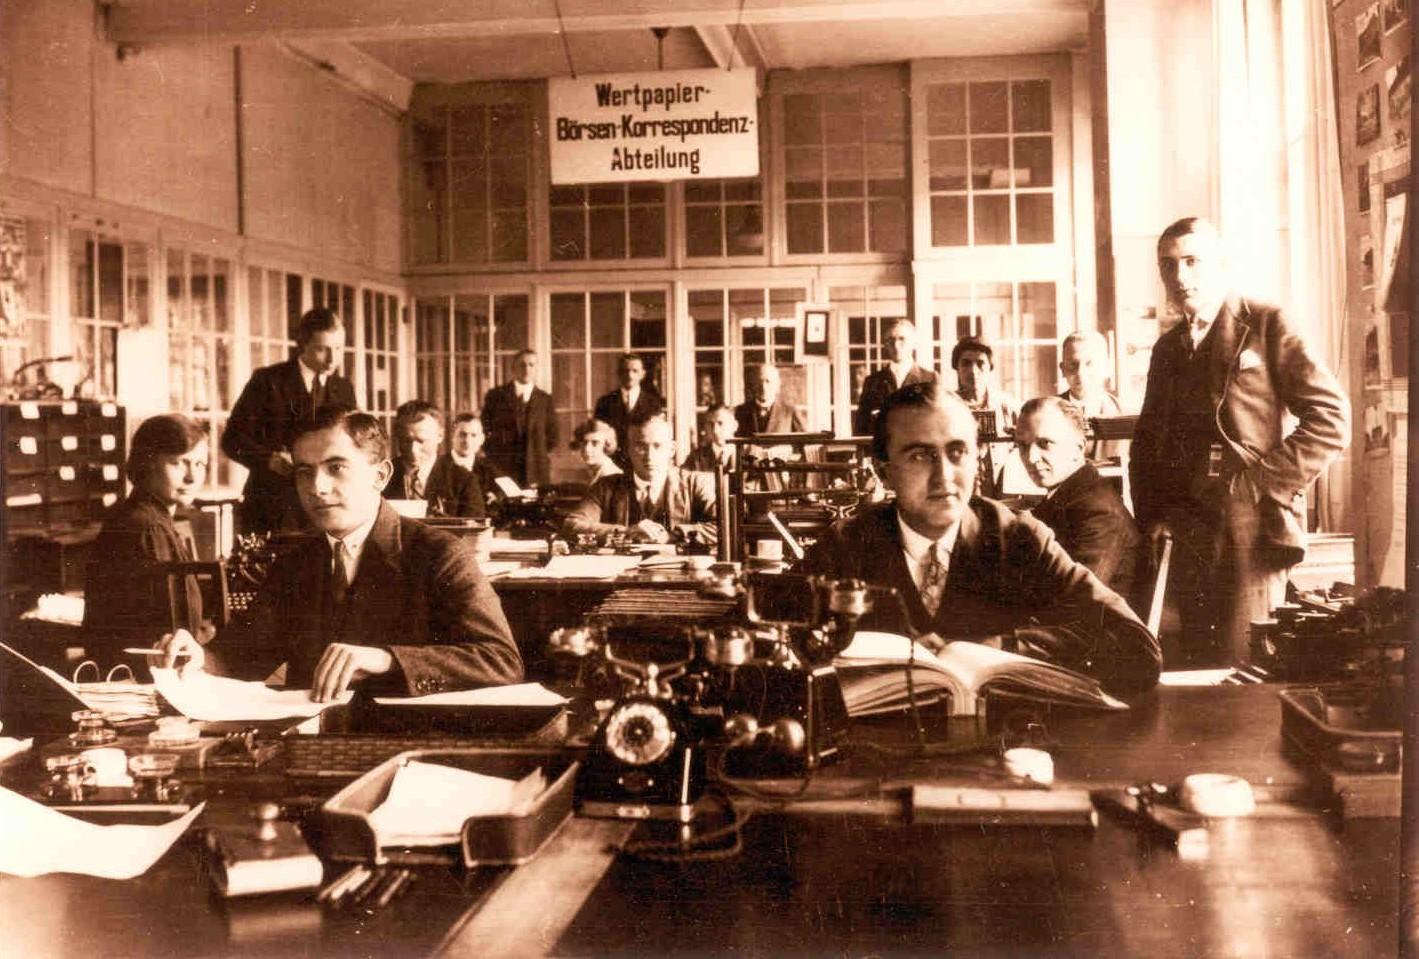 Wertpapier-Abteilung-Commerzbank